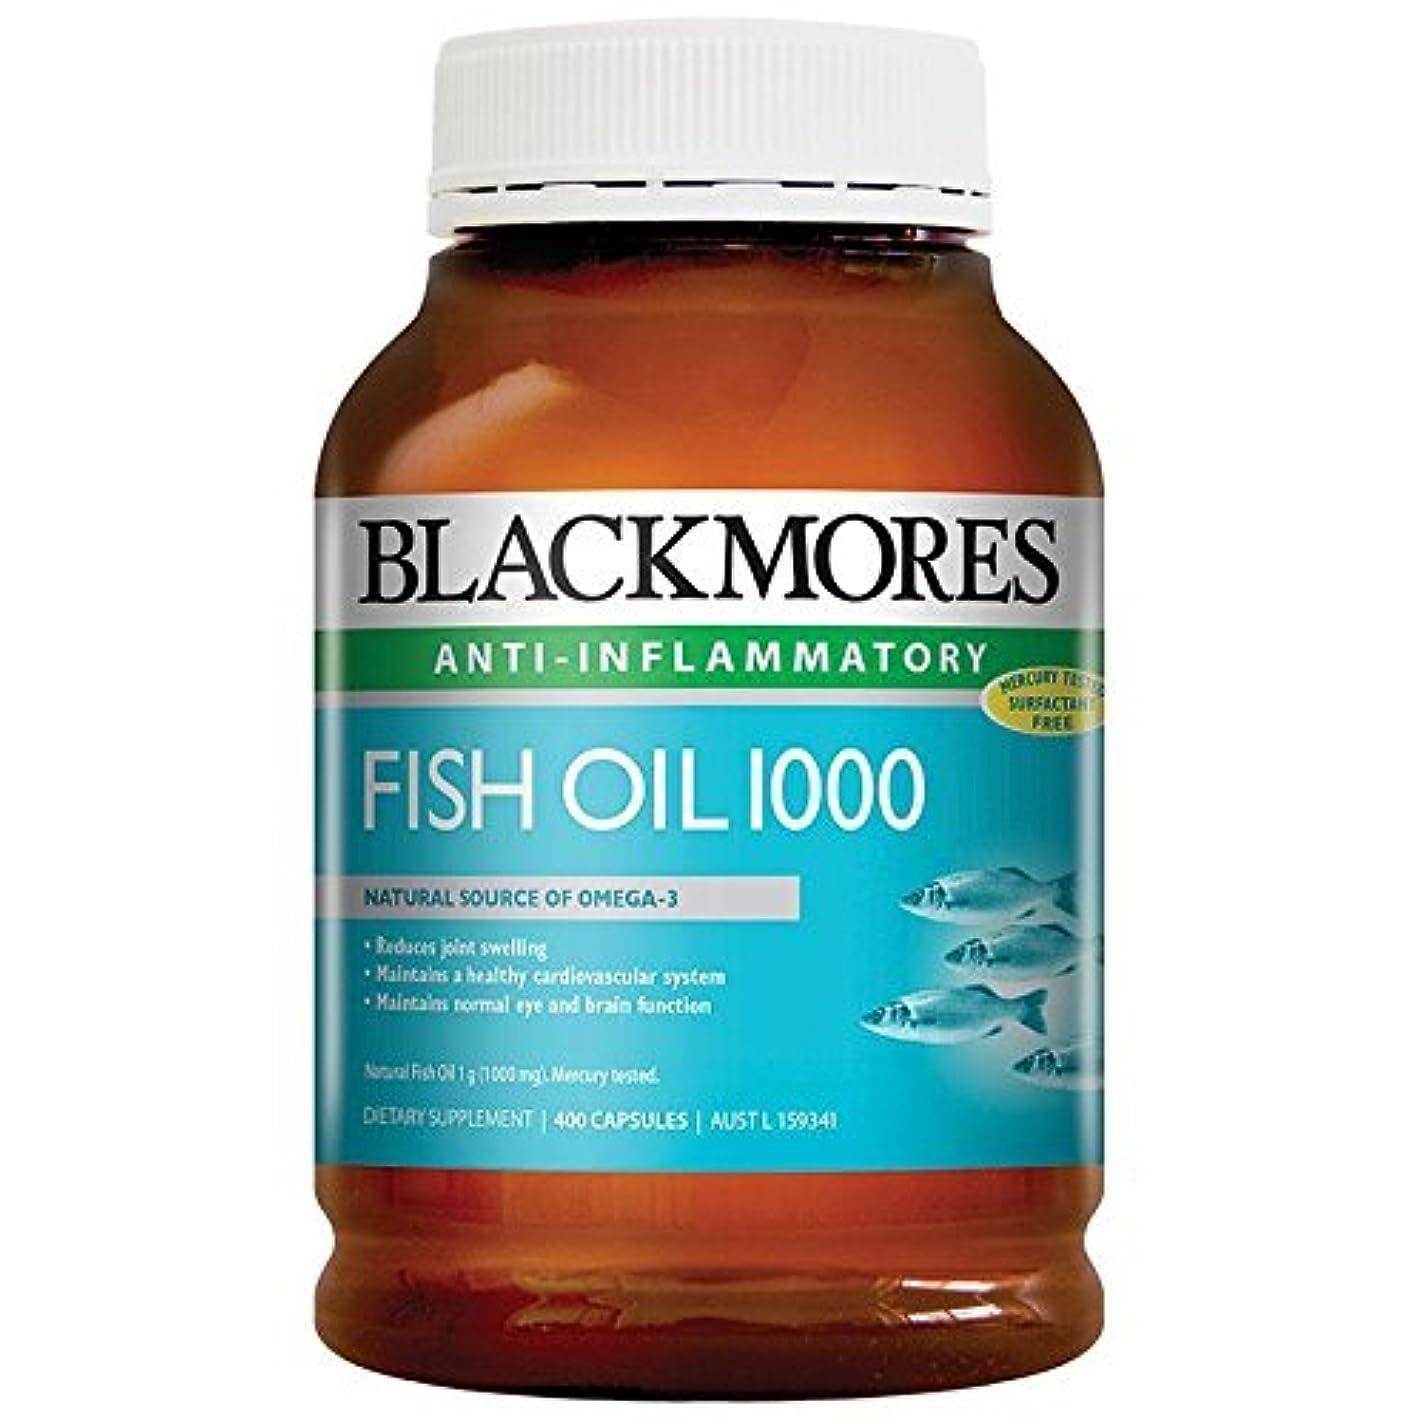 抵抗する苦混乱Blackmores Fish Oil 400 Caps 1000 Omega3 Dha, EPA Fatty Acids with 1pcs Chinese Knot Gift by Blackmores LTD